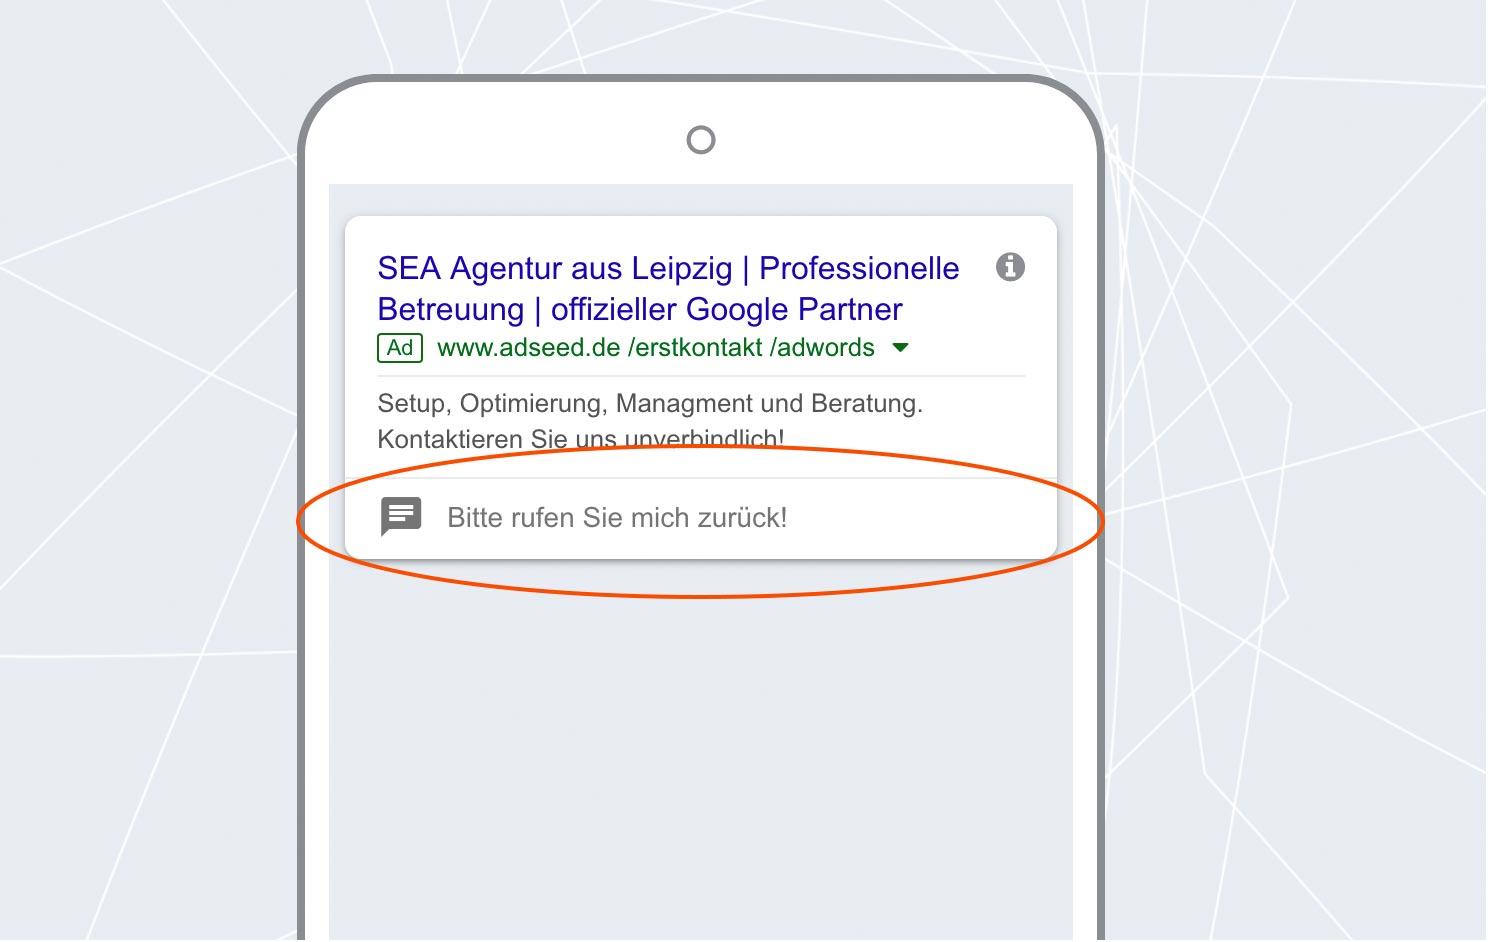 adseed - Google Ads Anzeige SMS-Erweiterung Mobil